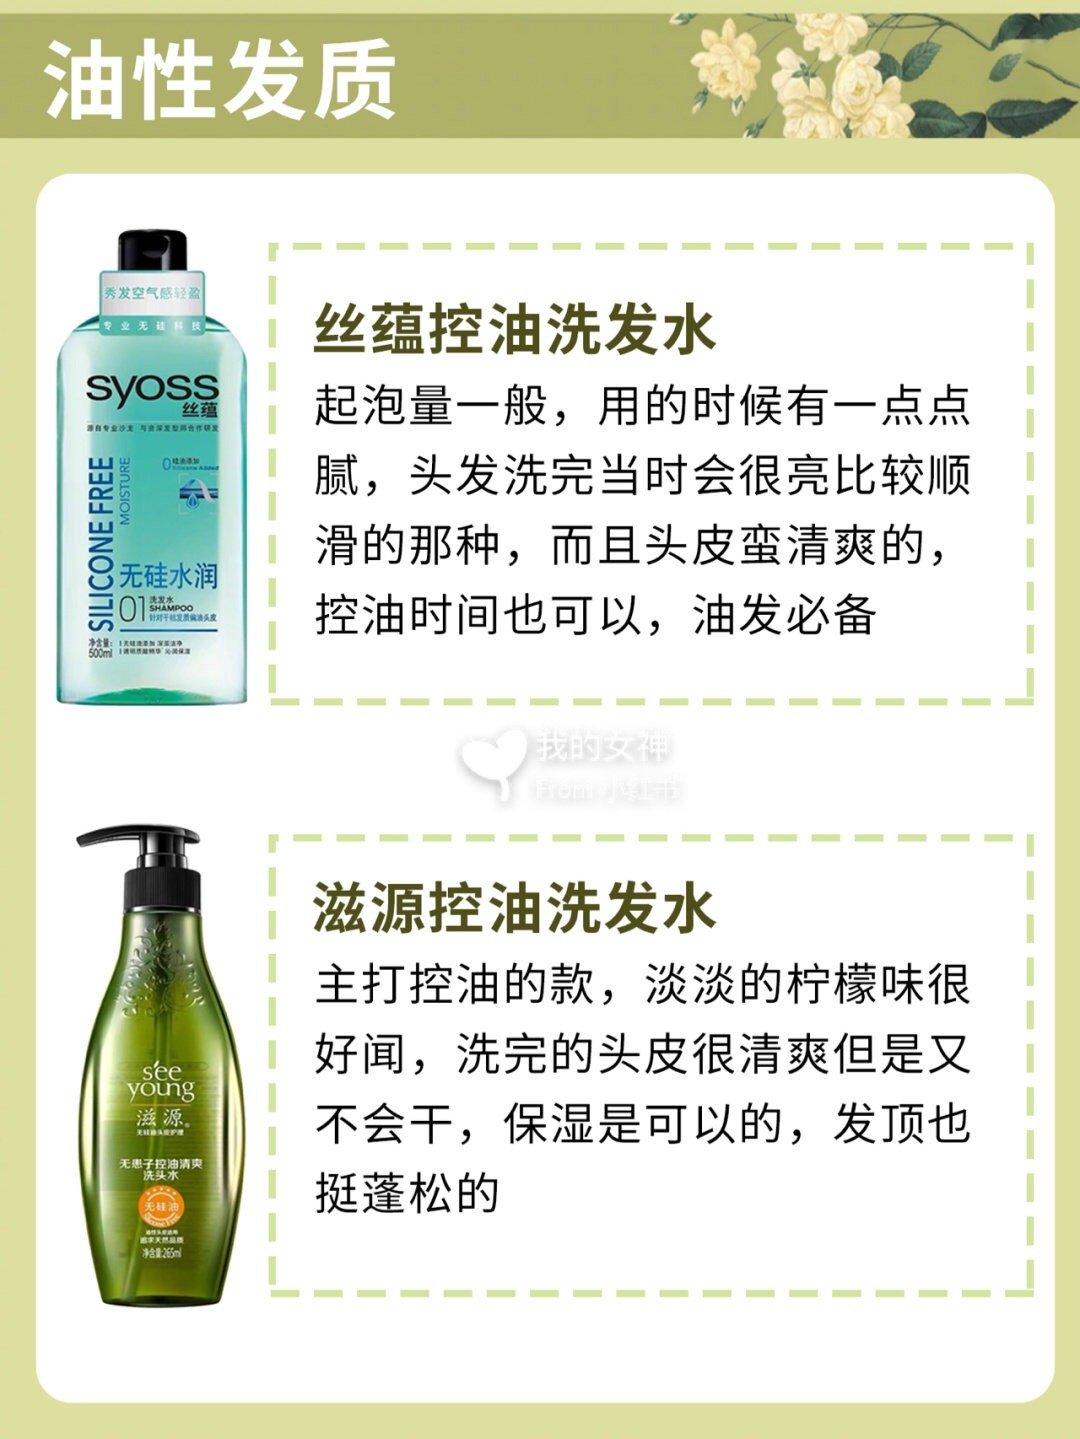 各种发质di洗发水指南